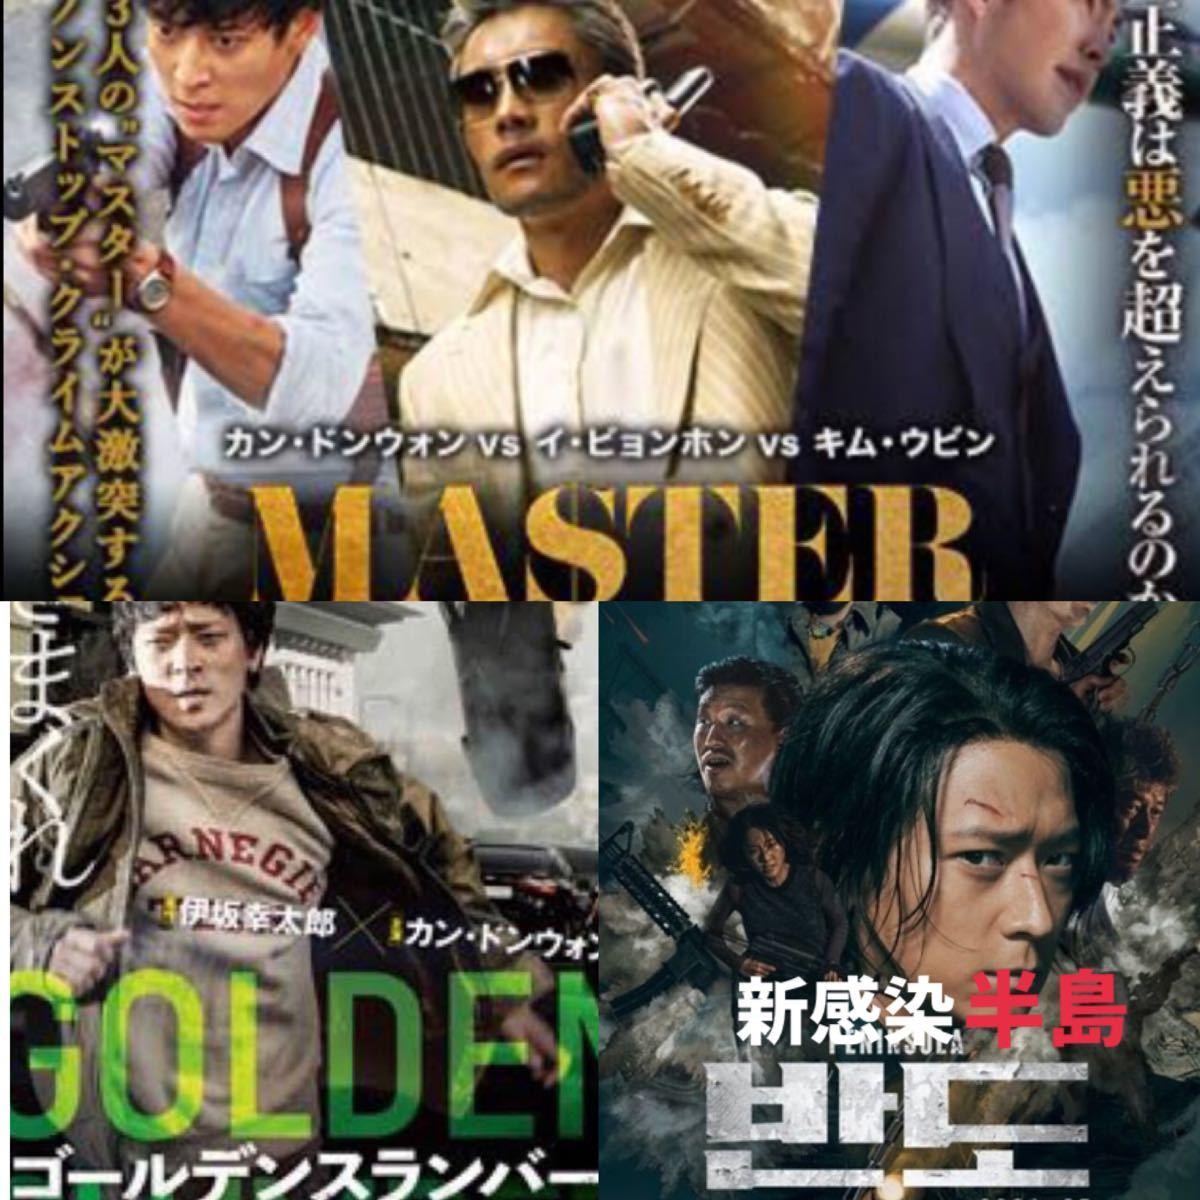 韓国映画  カン・ドンウォン  出演映画  DVD  3点セット  日本語吹替有り  レーベル有り